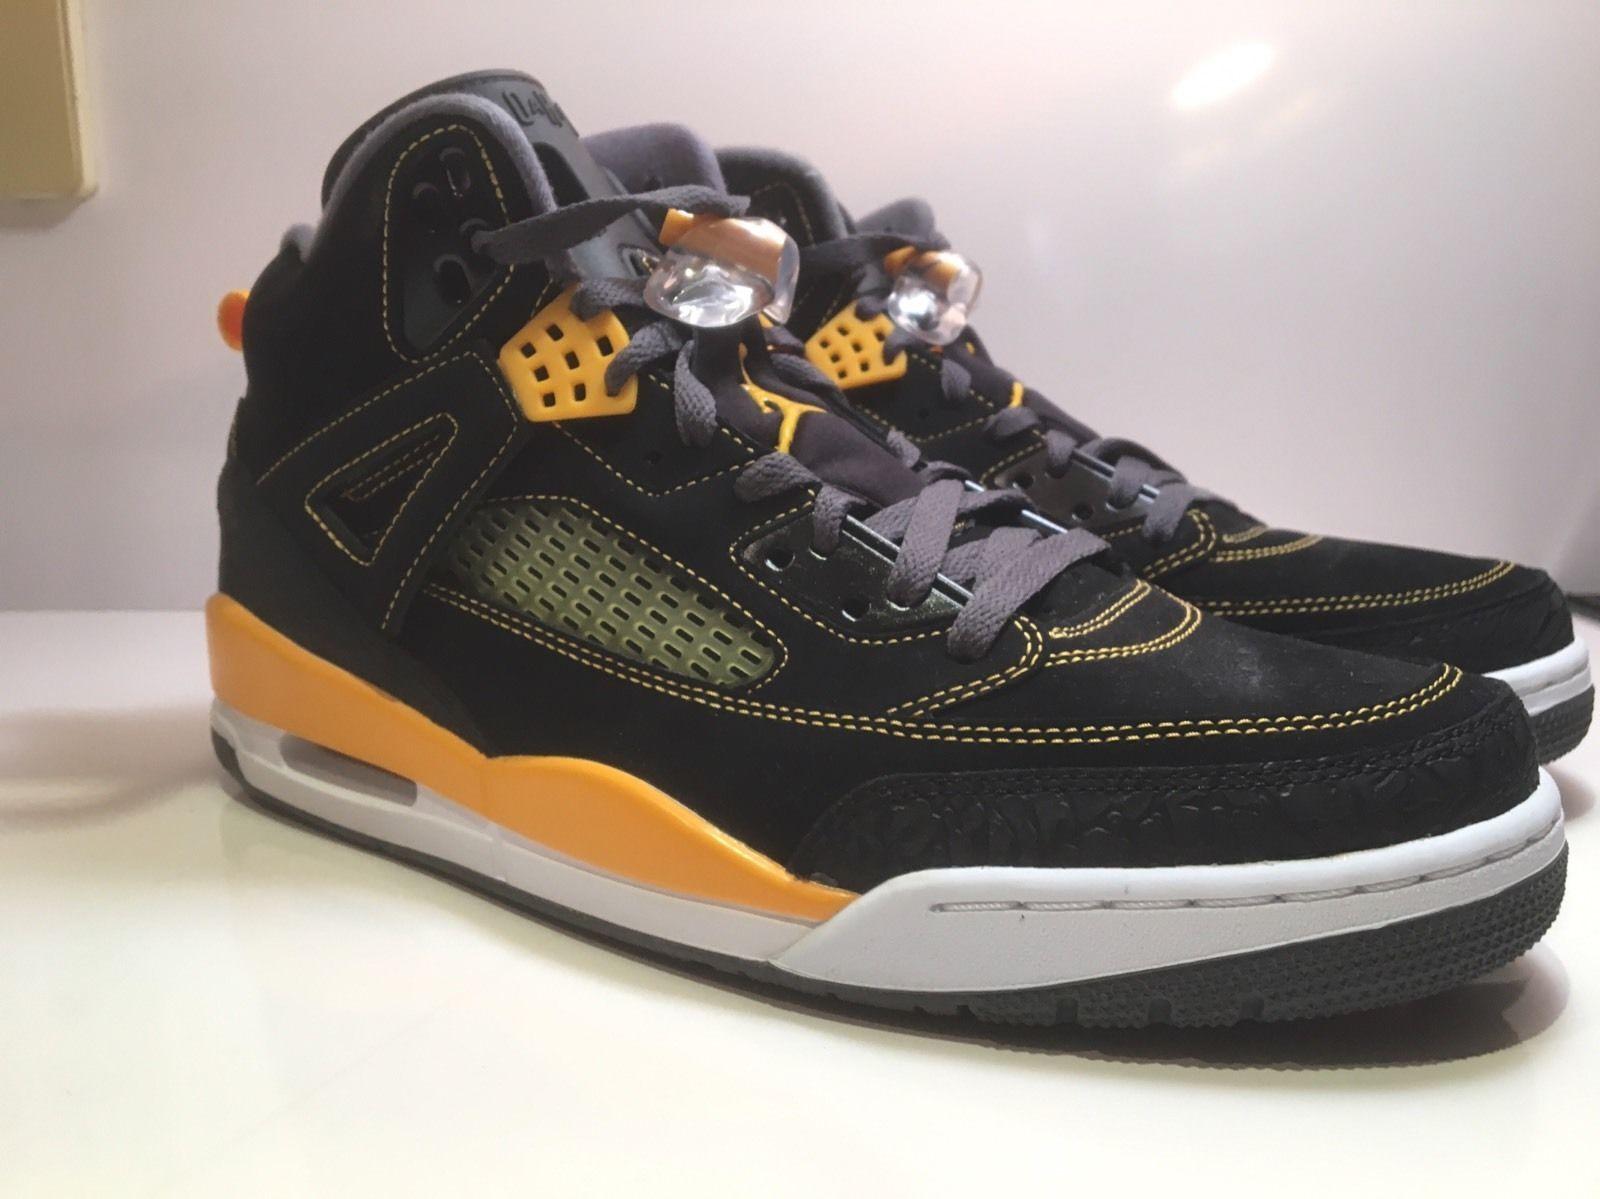 Nike air jordan spizike nero oro 315371-030 nuova università nella casella di scegliere la dimensione